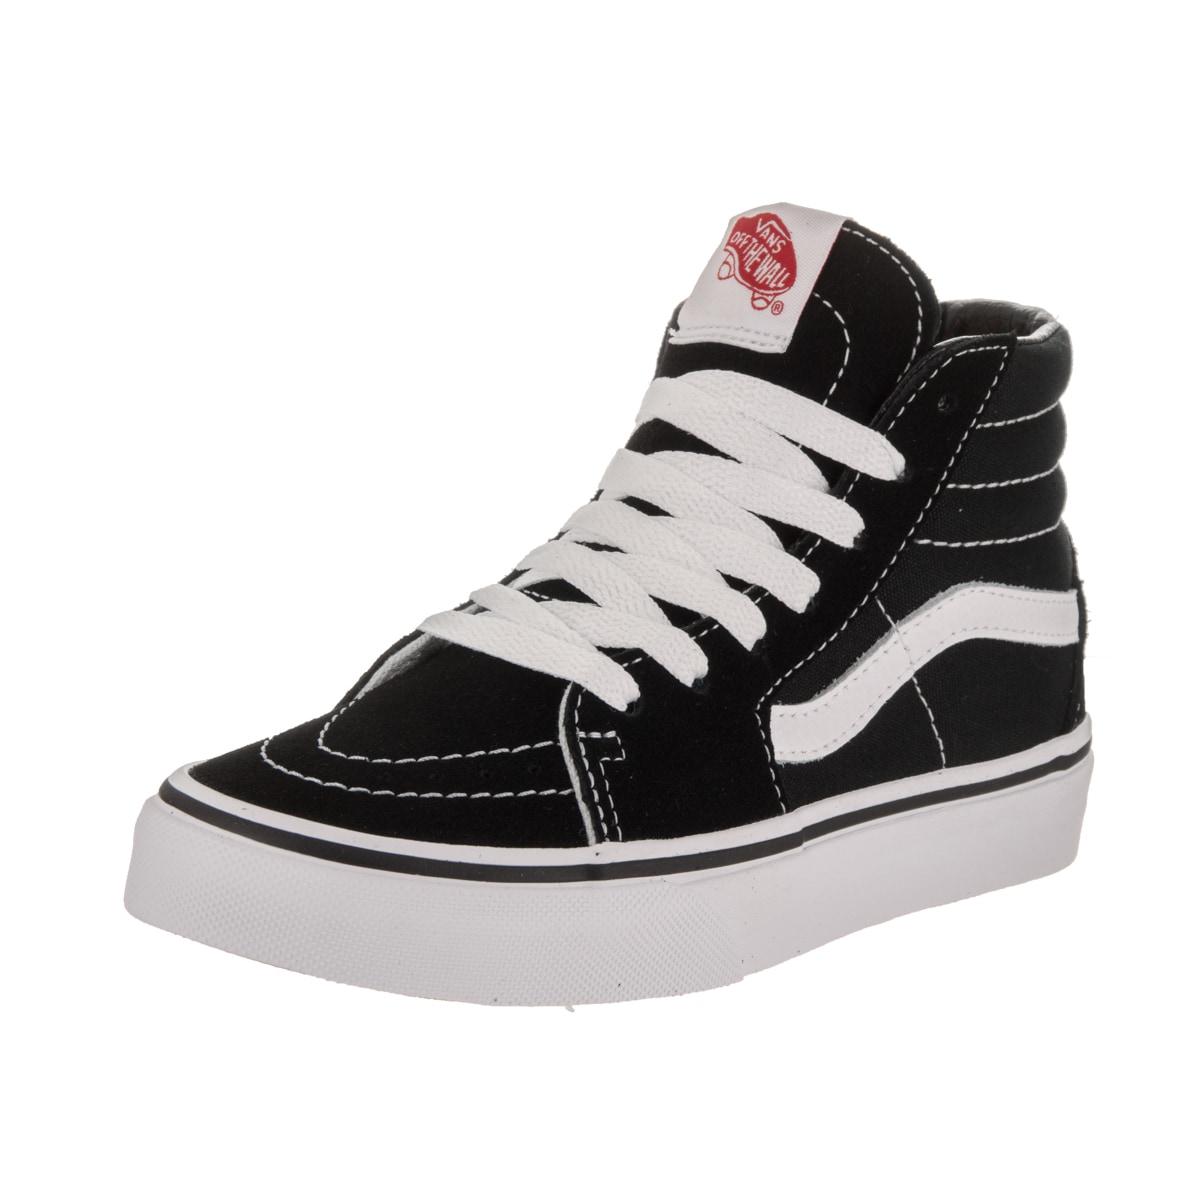 Vans Kids' Sk8-Hi Black Suede Skate Shoes (13.5), Boy's